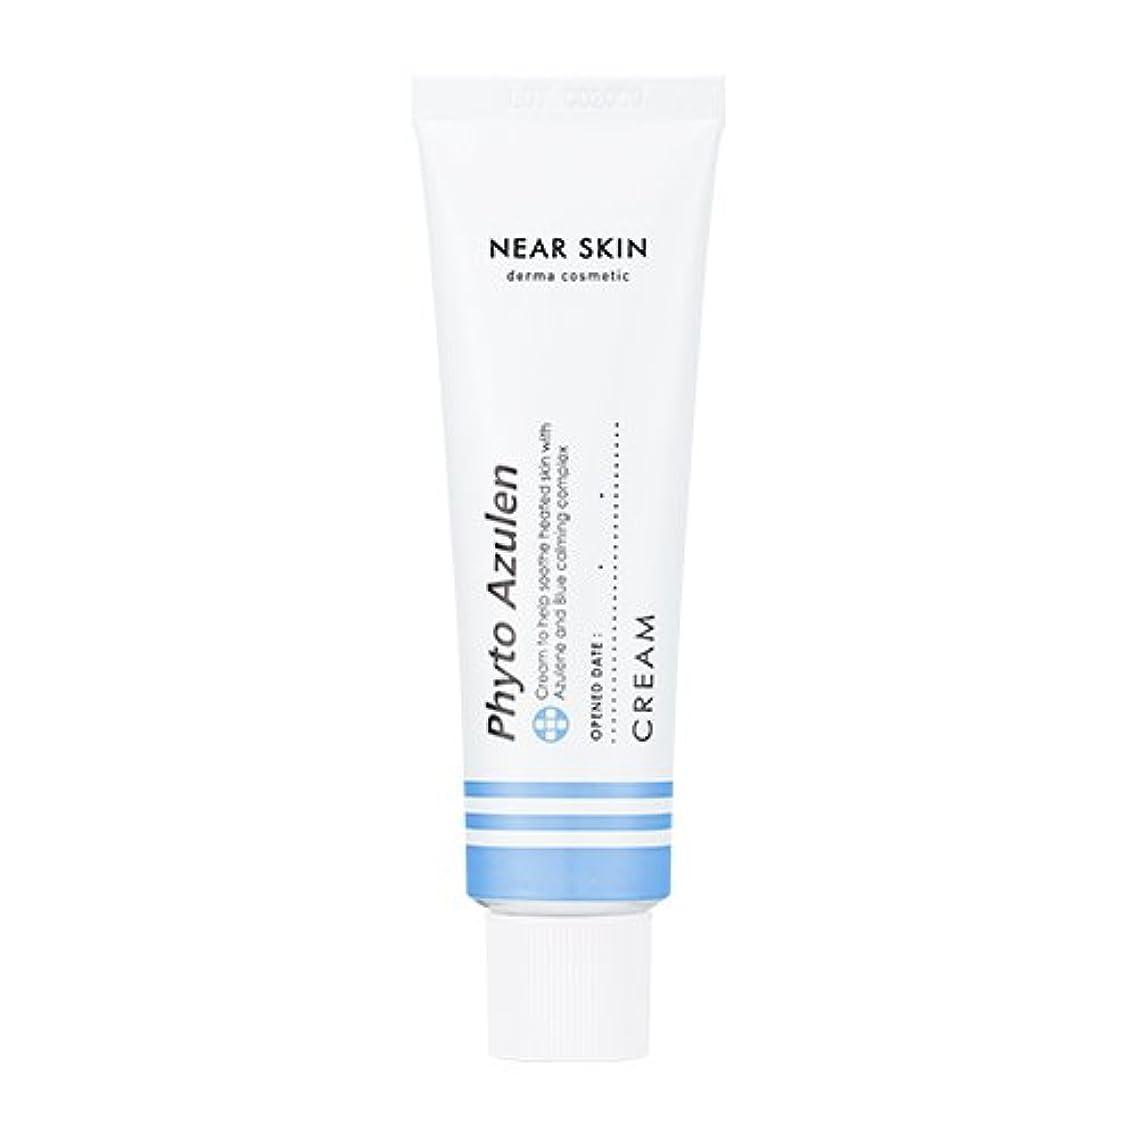 固めるもちろん燃料MISSHA [NEAR SKIN] Phyto Azulen Cream/ミシャ ニアスキン フィトアズレンクリーム 50ml [並行輸入品]